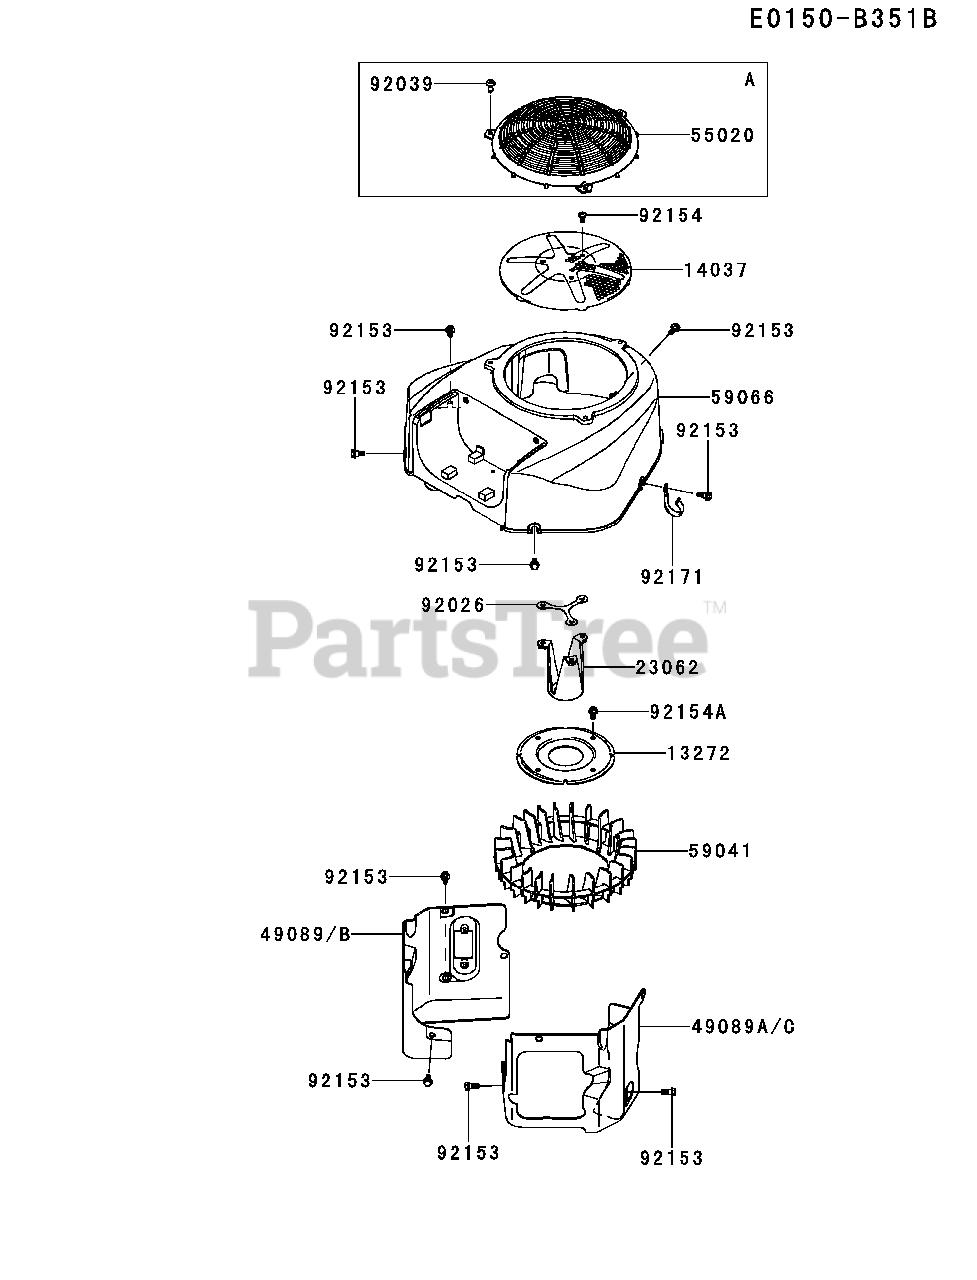 Kawasaki FR651V-AS37 - Kawasaki Engine COOLING-EQUIPMENT Parts Lookup with  Diagrams   PartsTreePartsTree